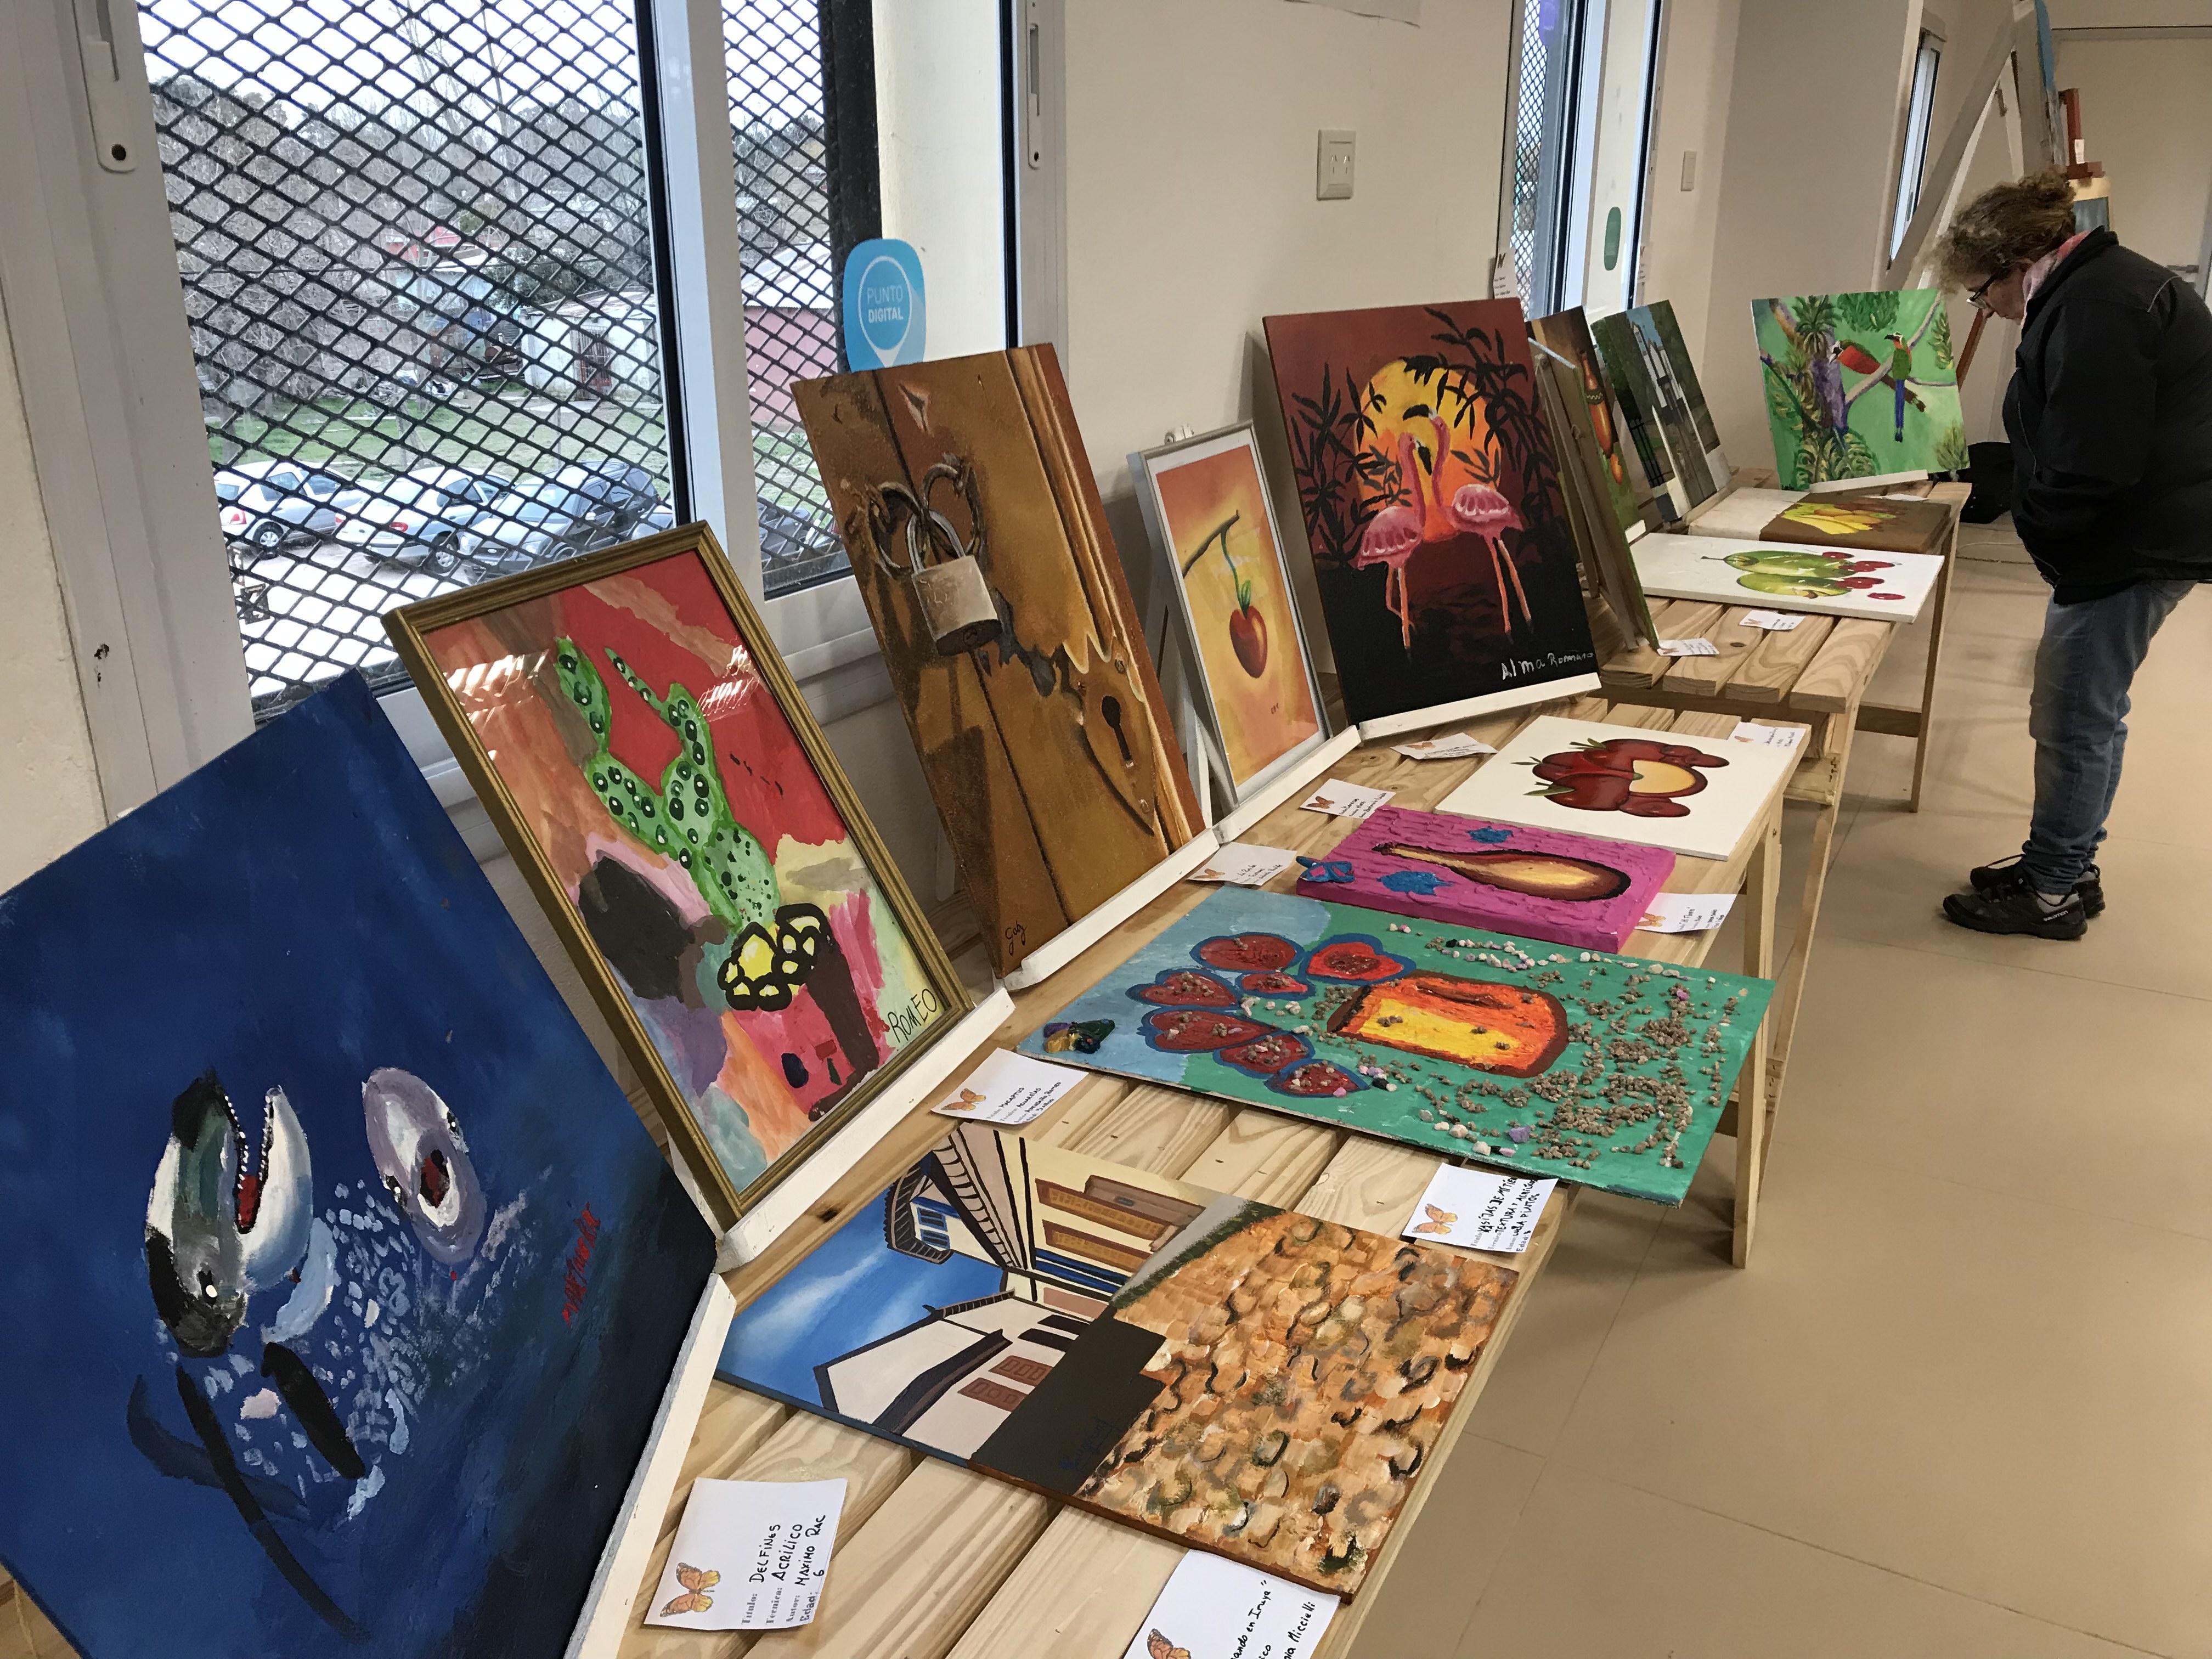 Este viernes 6 de septiembre se llevó a cabo la primera muestra cultural y artística en el Centro Papa Francisco anclado en el corazón del tradicional barrio El Carmen de Berisso.